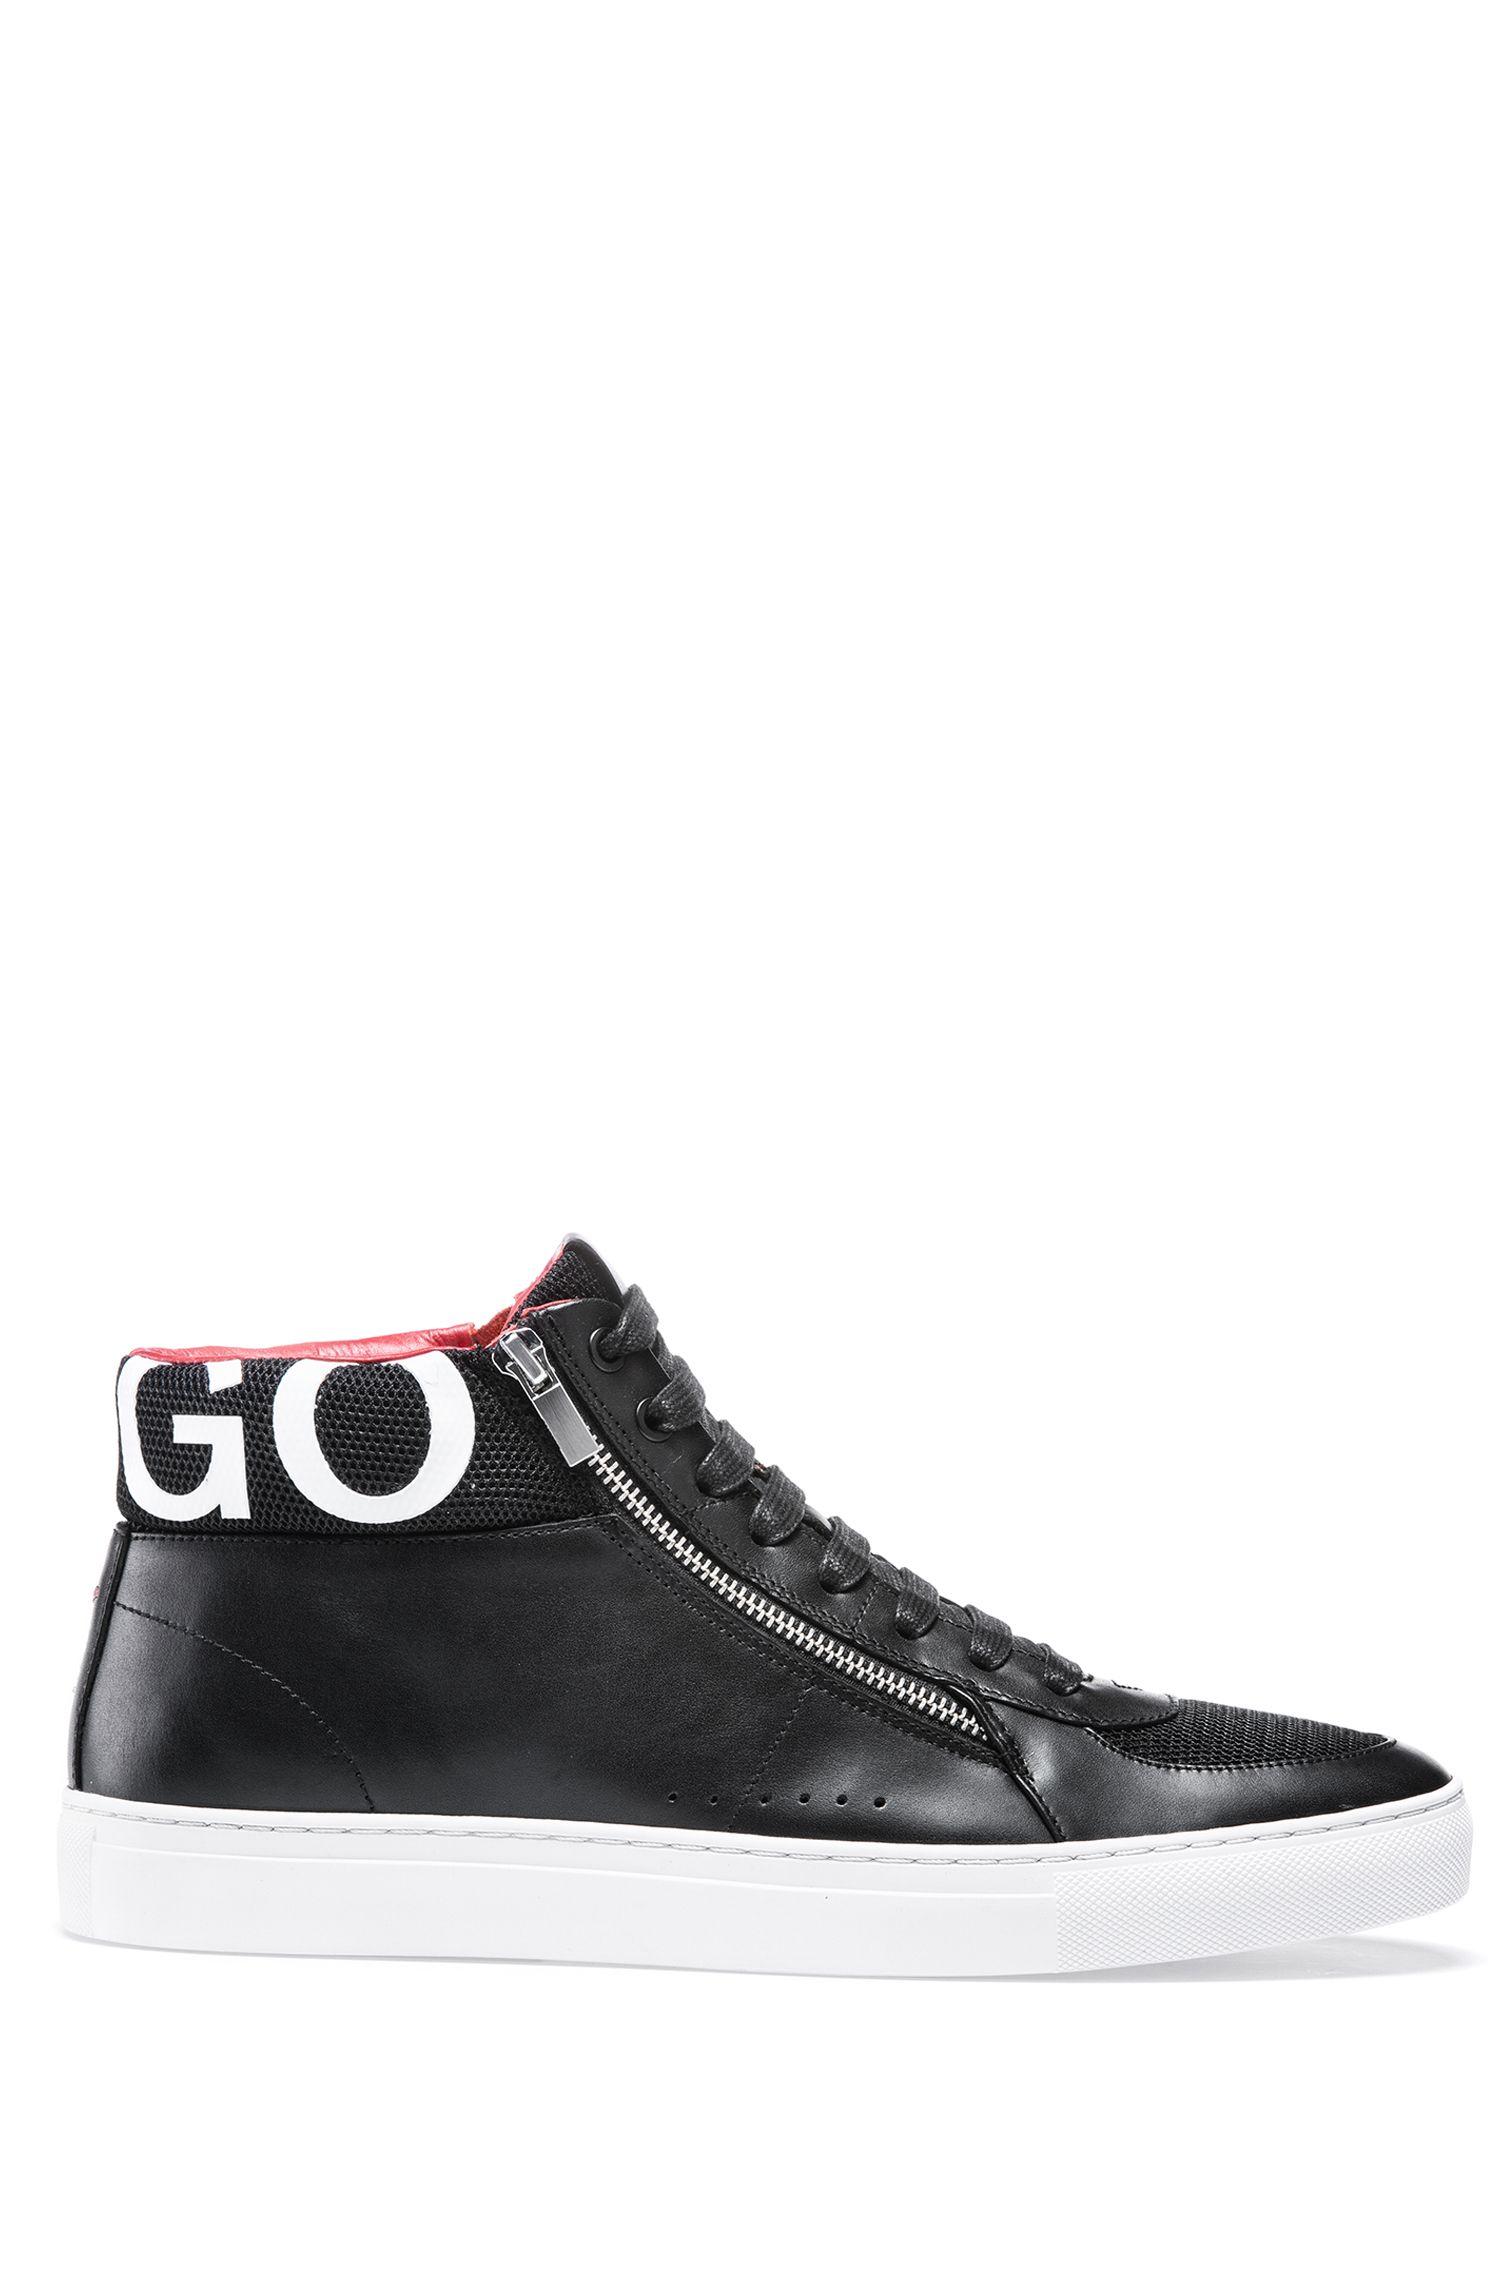 Hightop Sneakers aus Nappaleder mit Logo-Detail, Schwarz